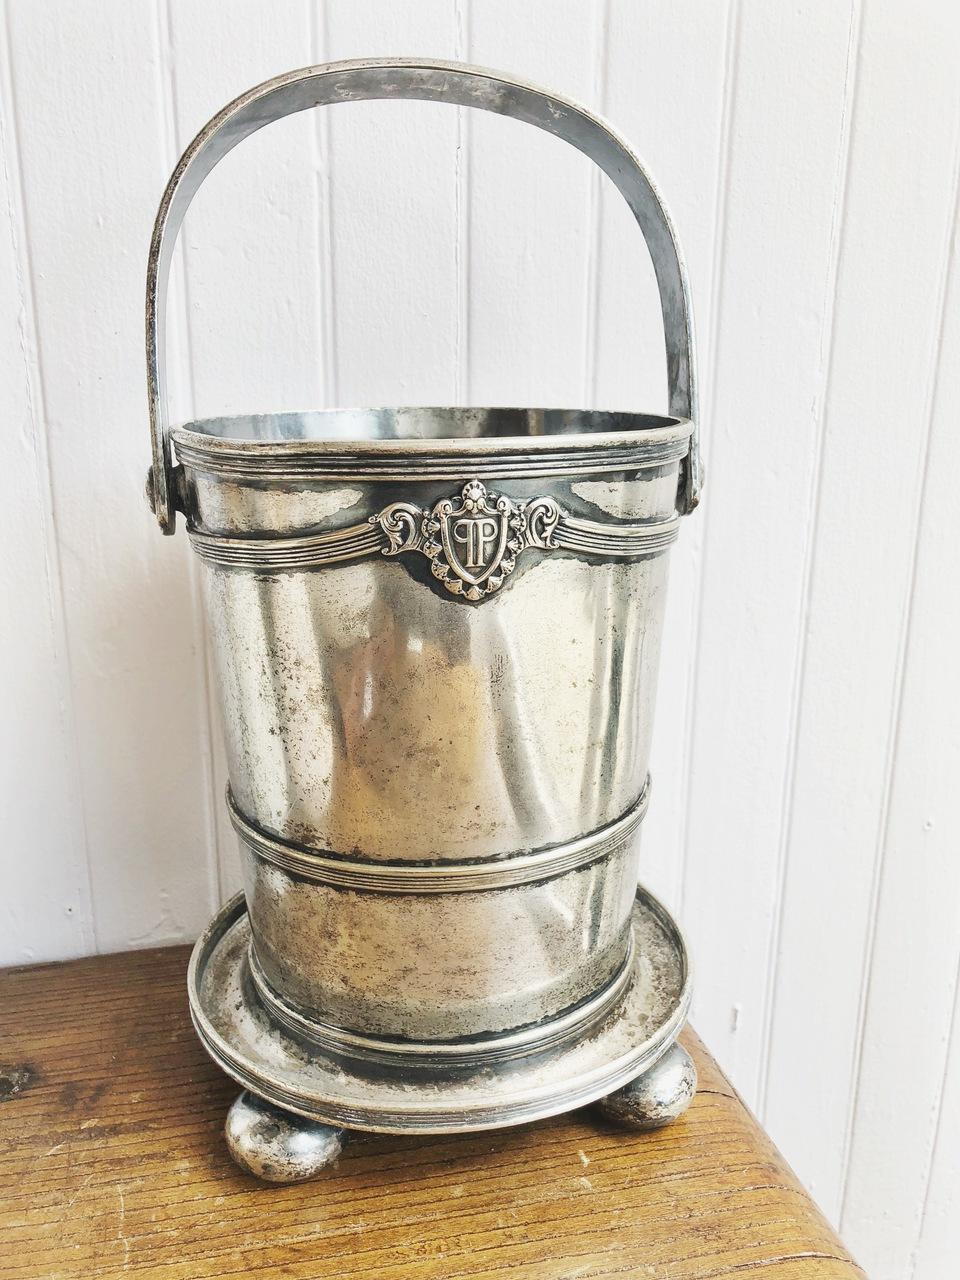 Copley Plaza Champagne Bucket